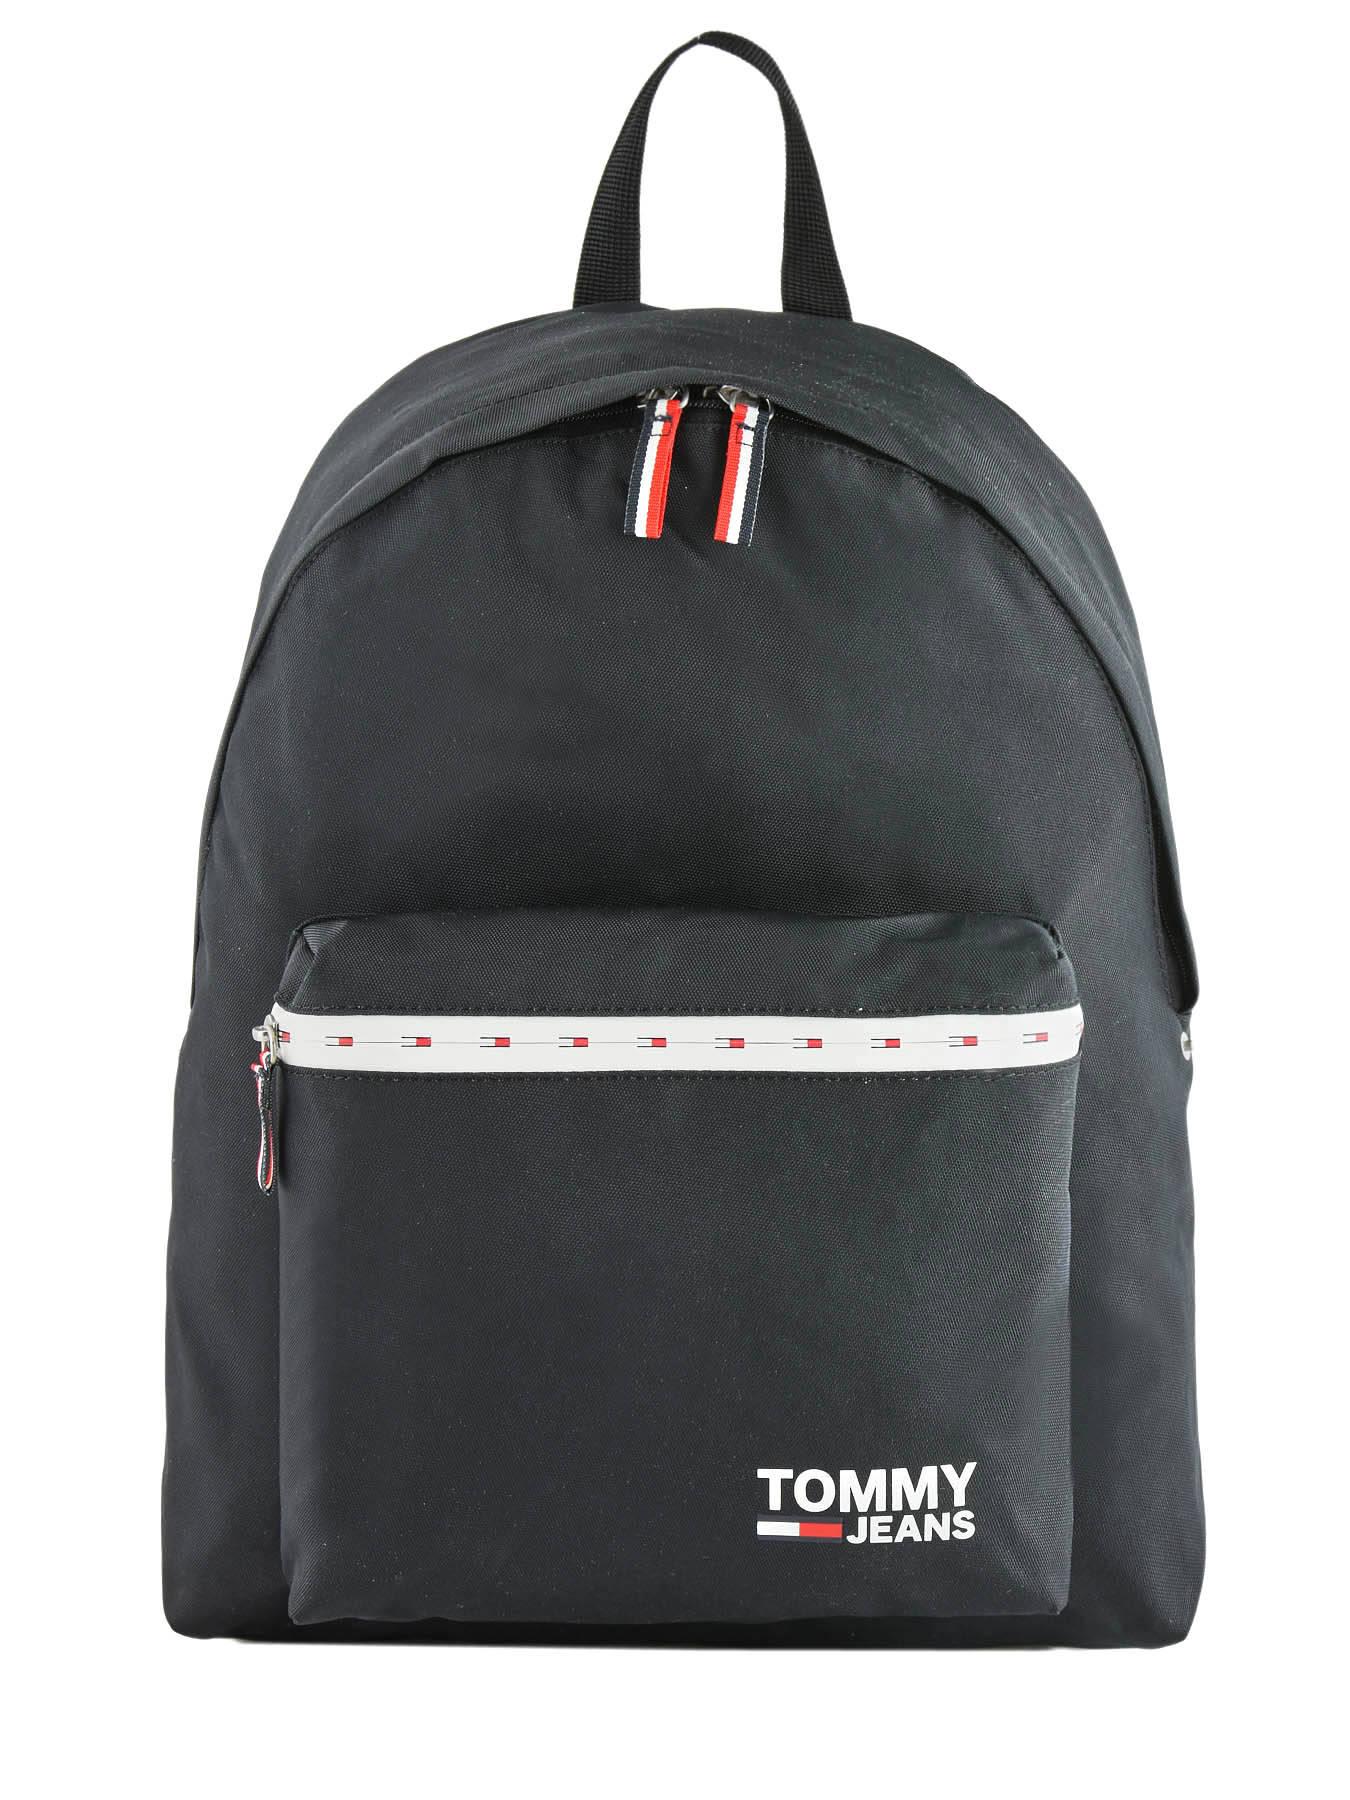 TOMMY HILFIGER Sac À Dos Cool Tommy Tommy Hilfiger Noir